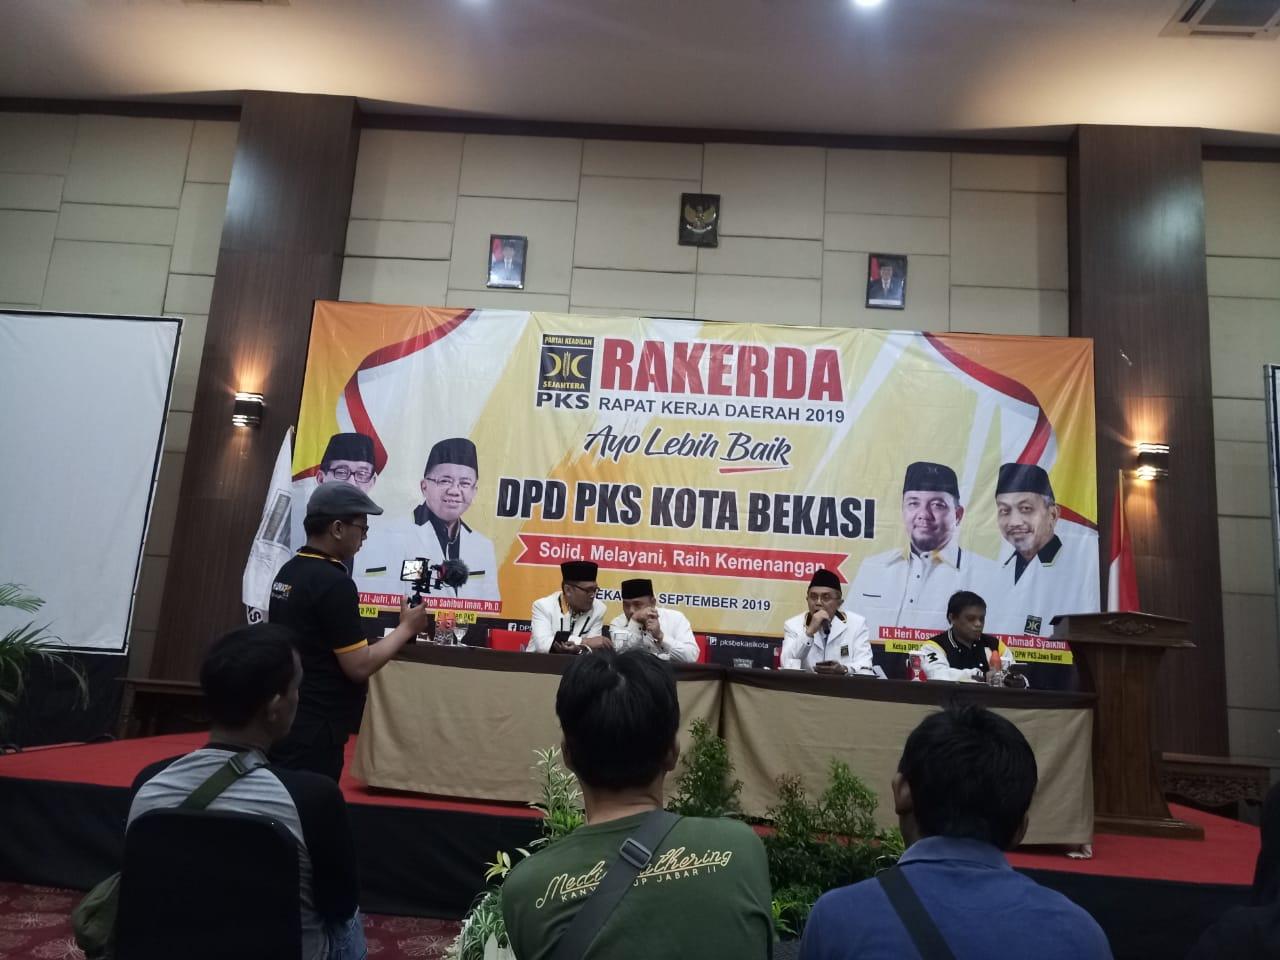 Akhirnya PKS Hanya Jadi Mitra Kritis Pemerintah kota Bekasi BEKASIMEDIA.COM   MEDIA BEKASI SEJAK 2014